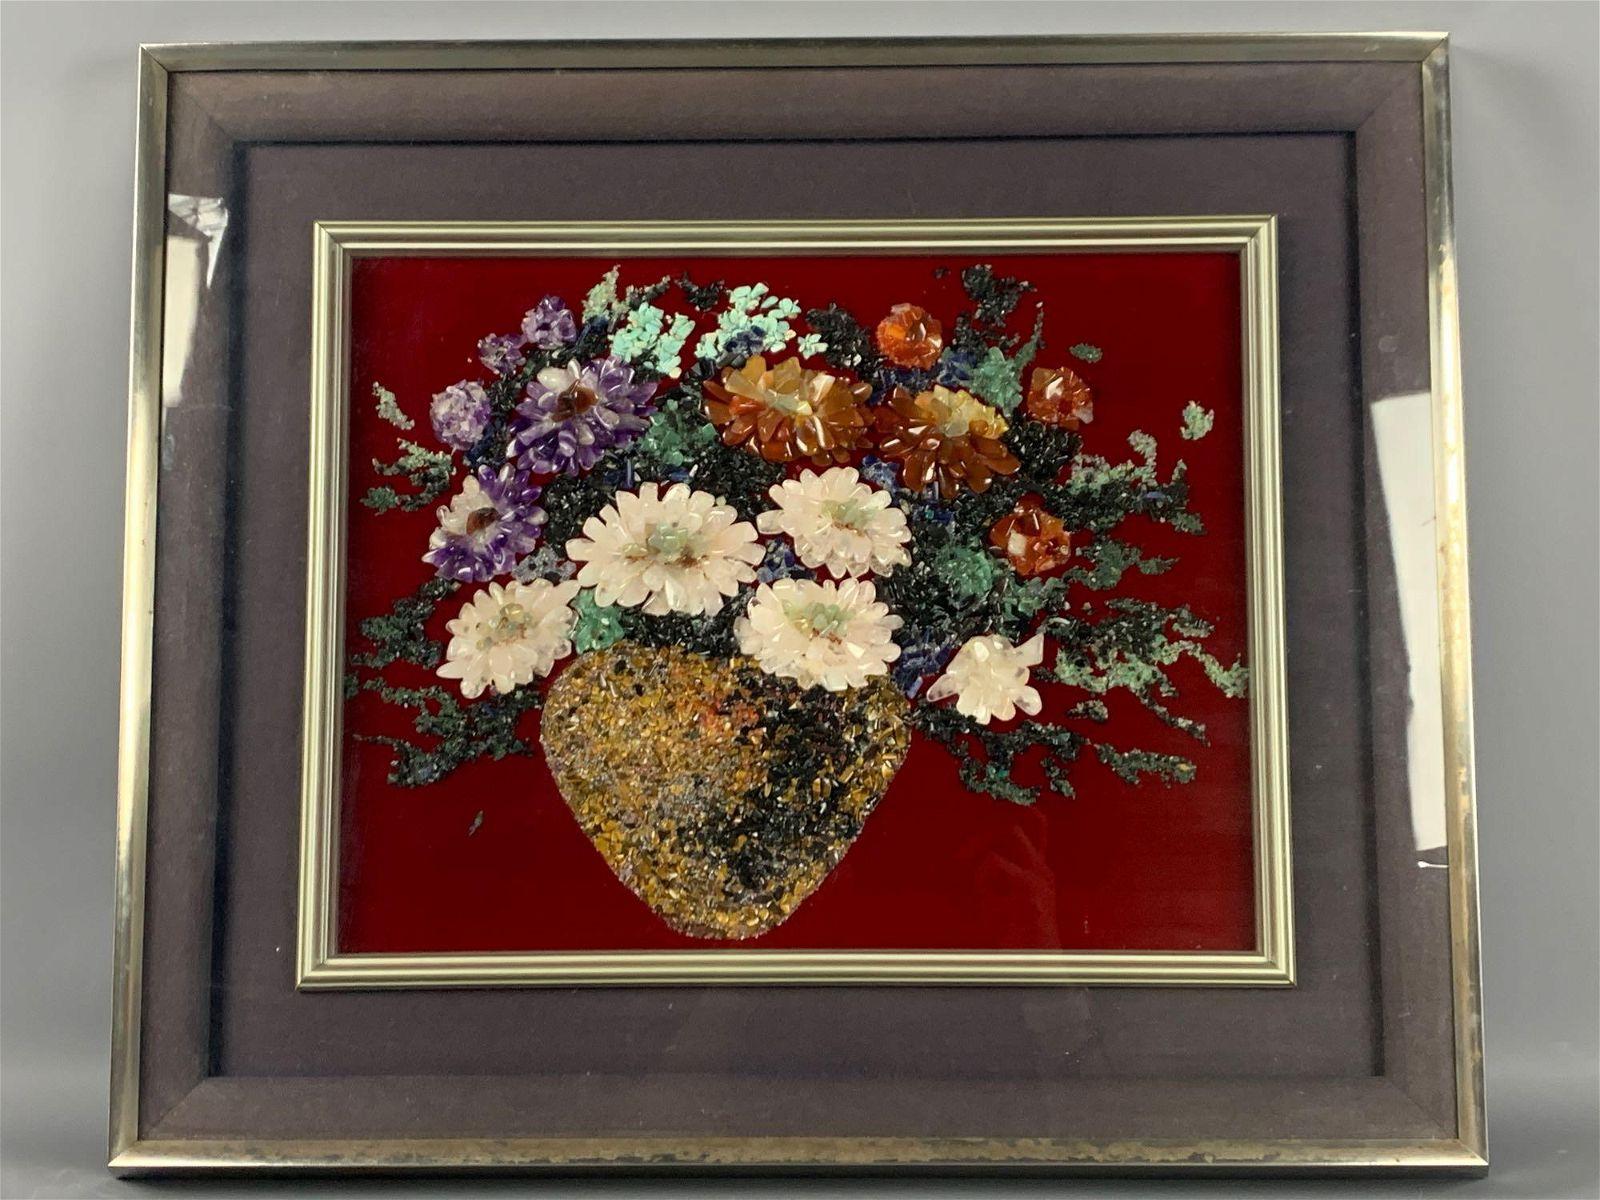 Asian Floral Rose Quartz, Amethyst arrangement